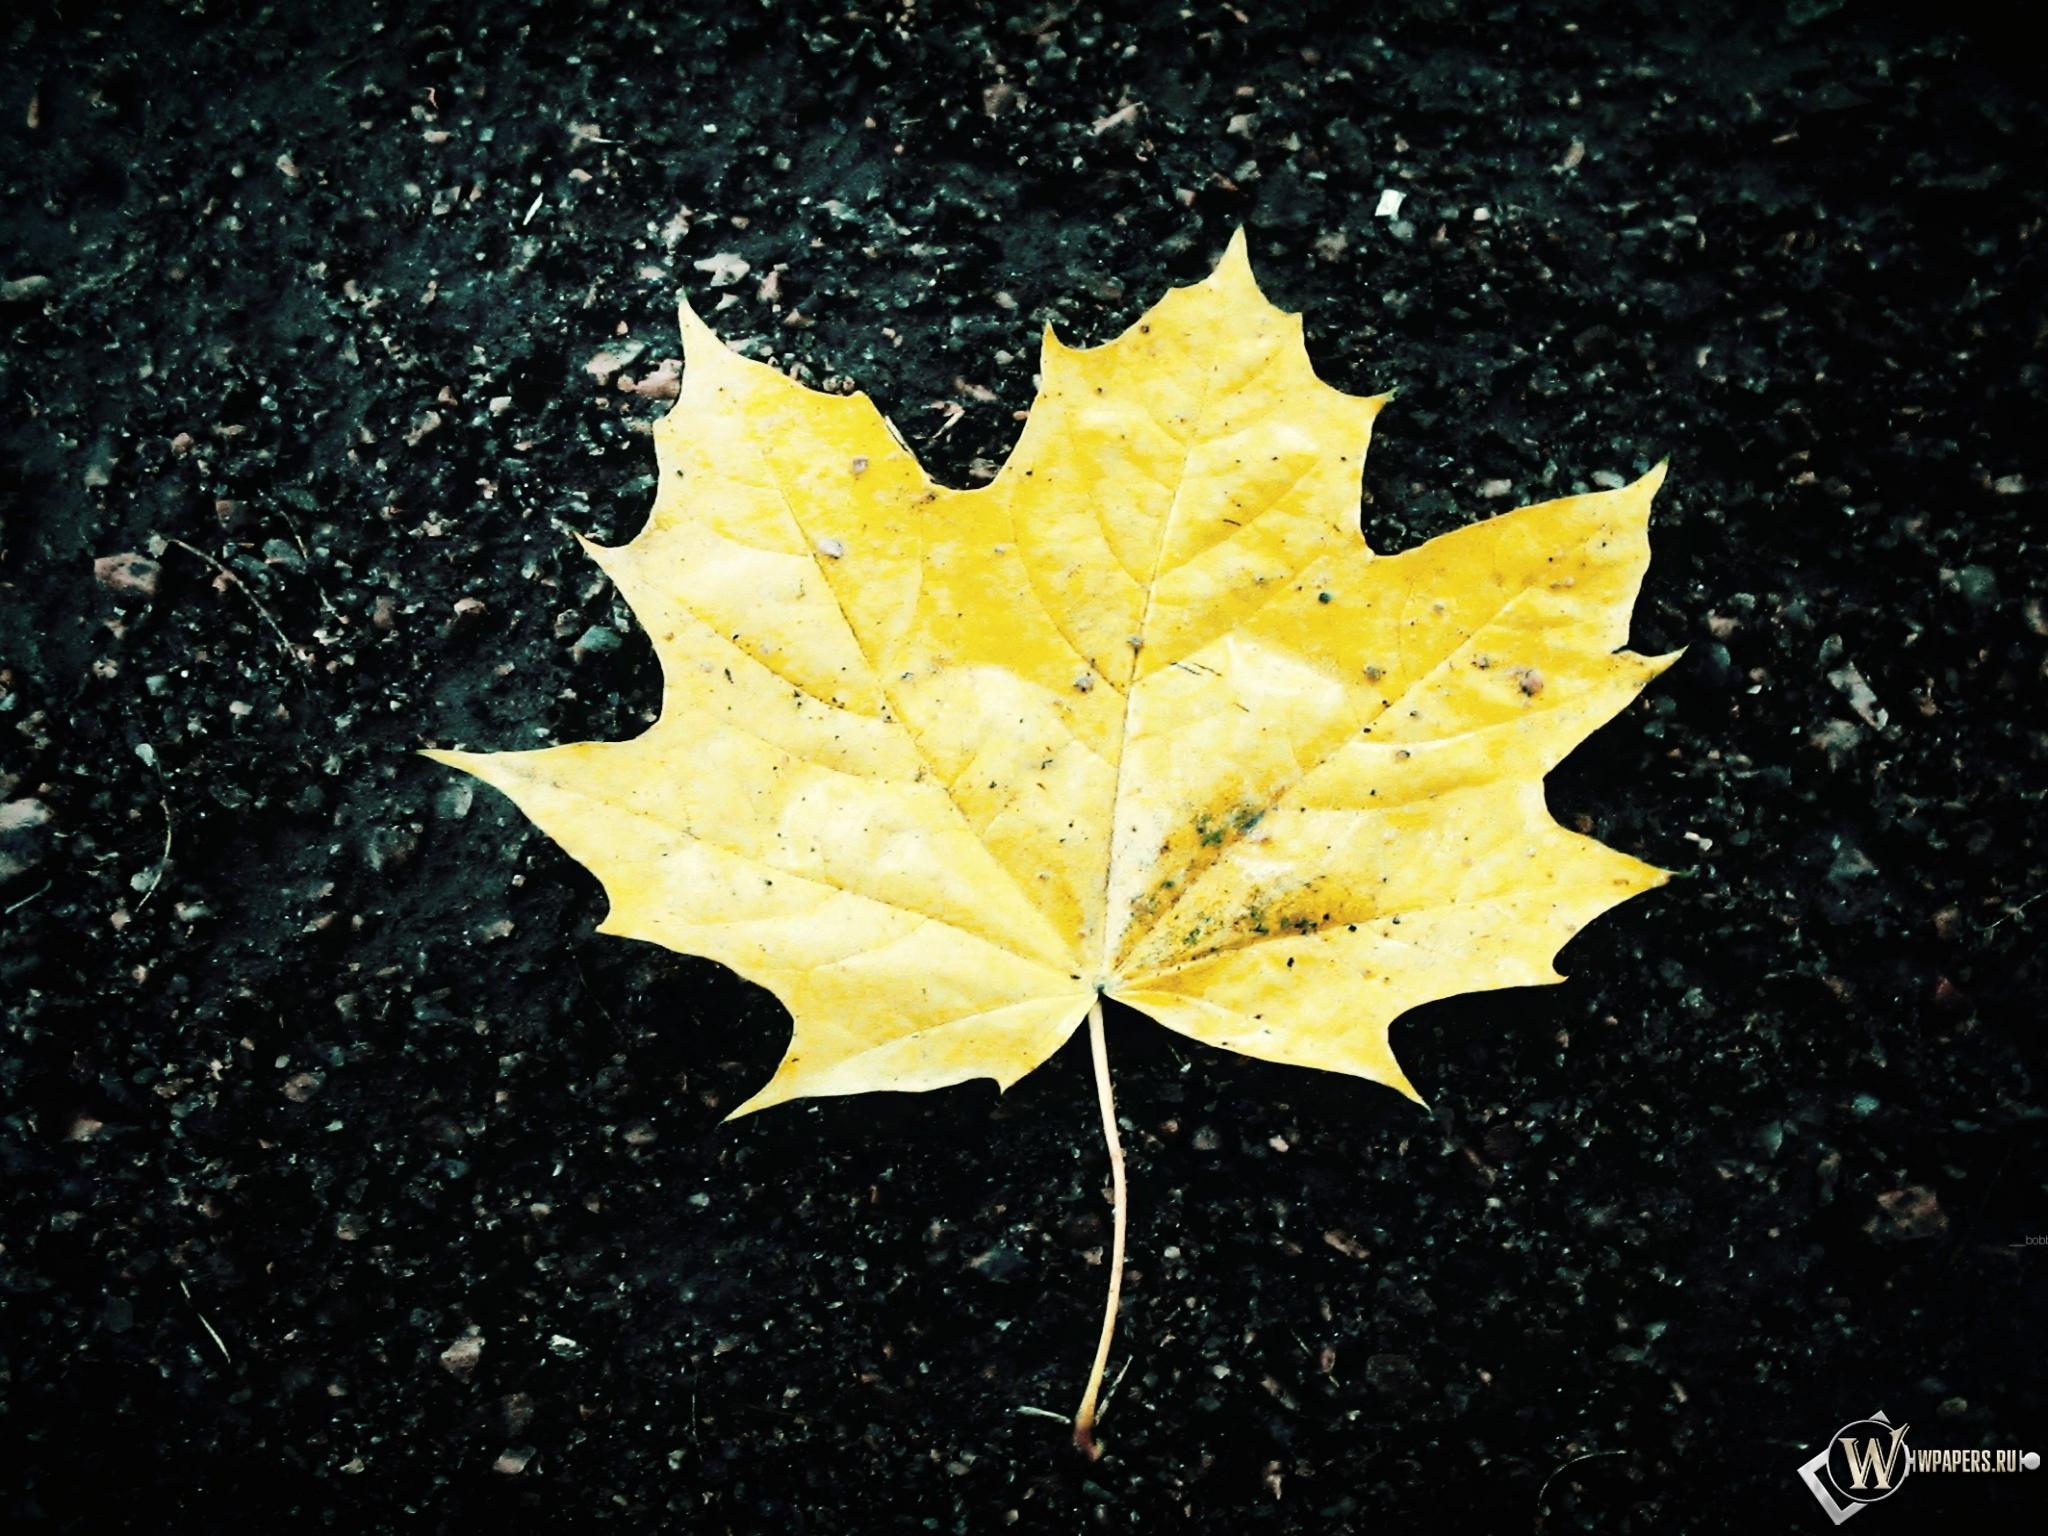 Жёлтый кленовый лист 2048x1536